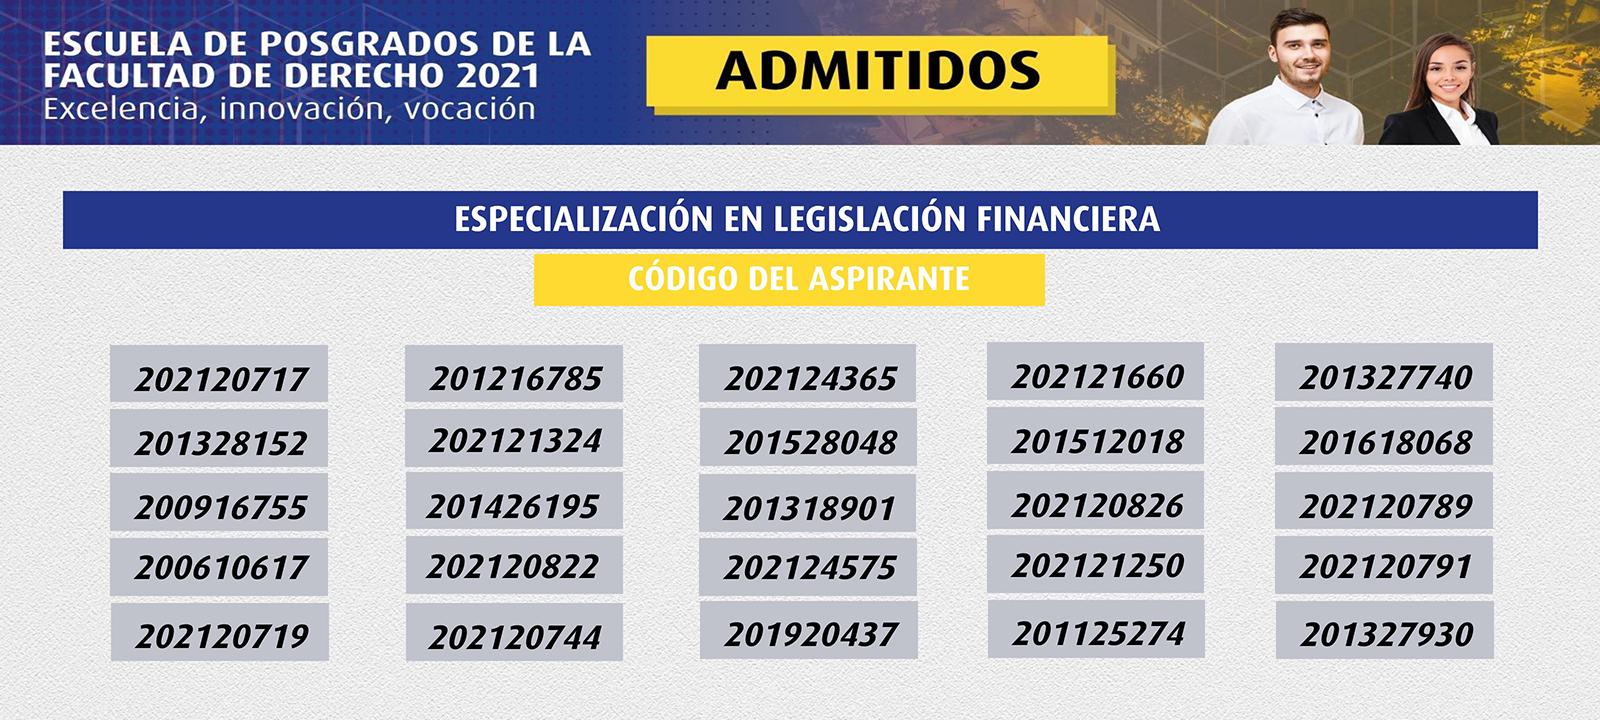 Admitidos 2021 | Especialización en Legislación Financiera | Uniandes